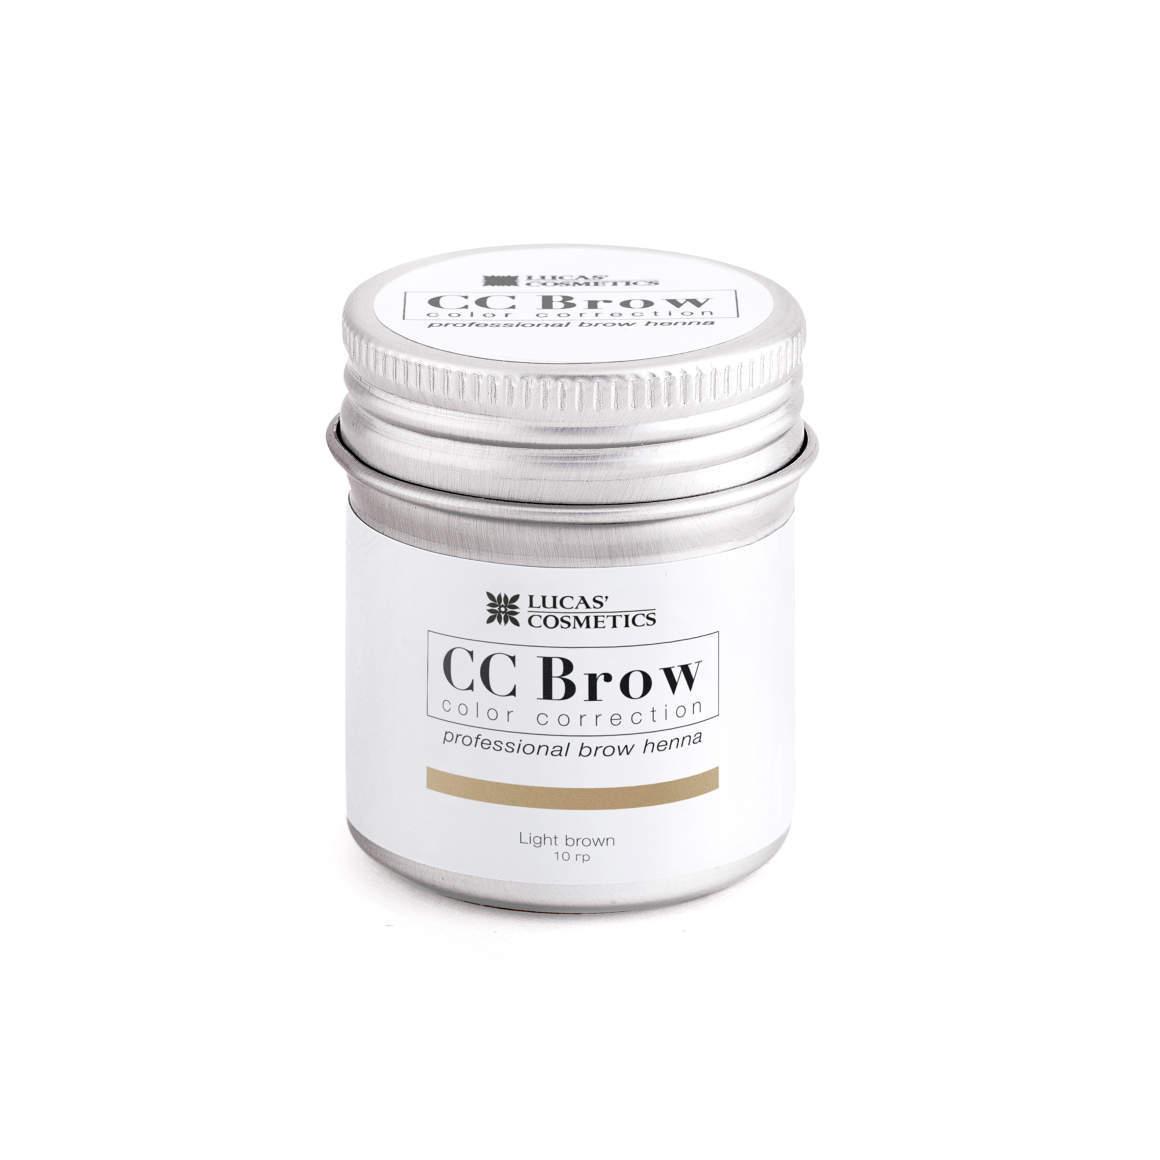 Хна для бровей CC Brow 10гр в баночке Light Brown светло-коричневый